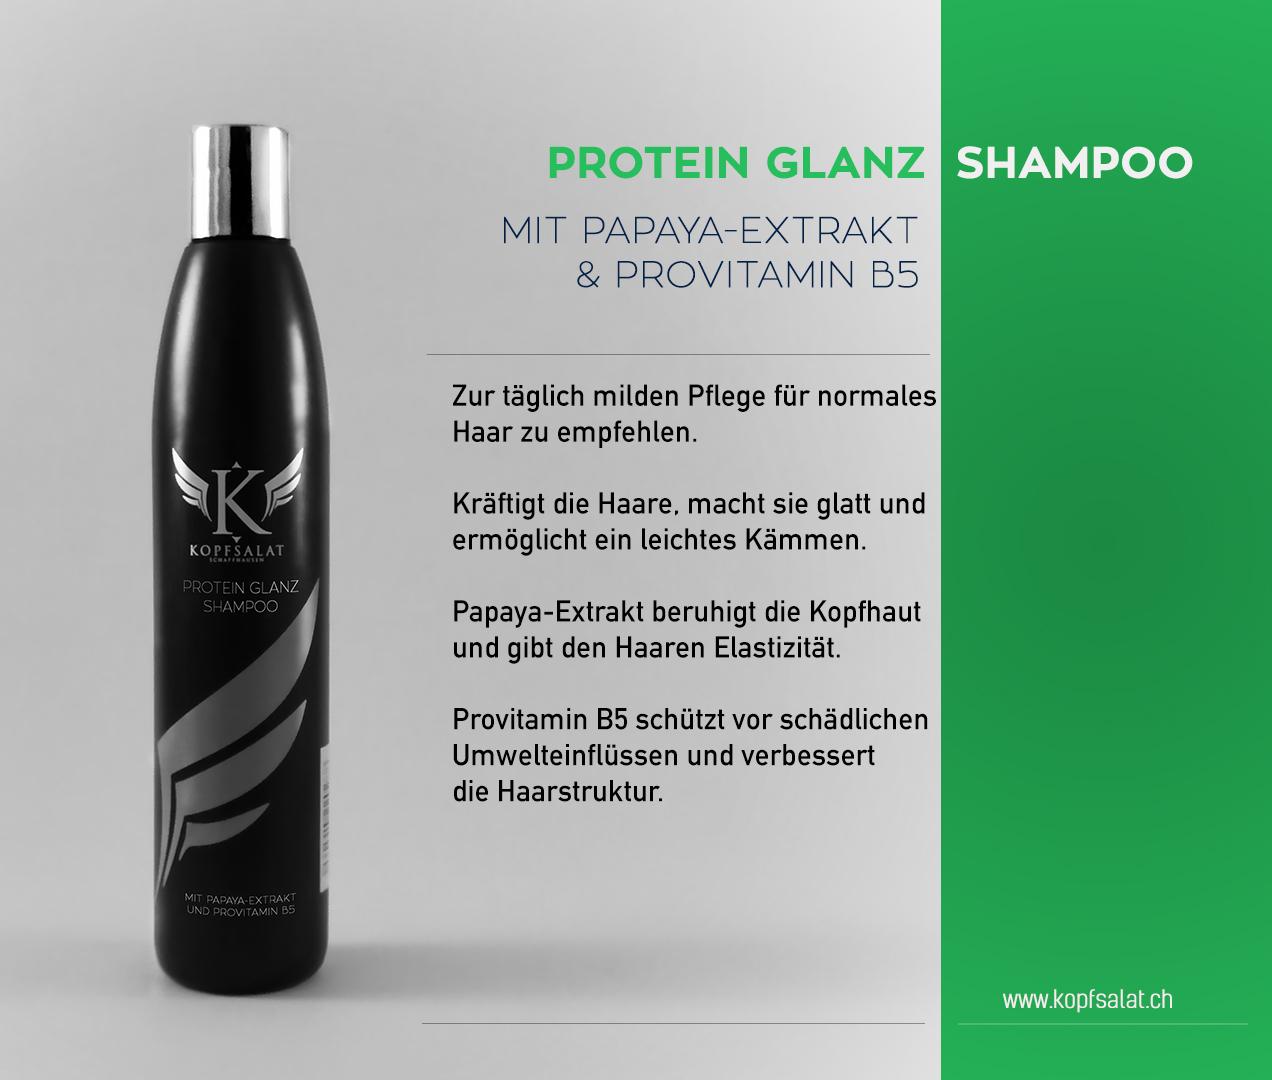 1 protein glanz shampoo